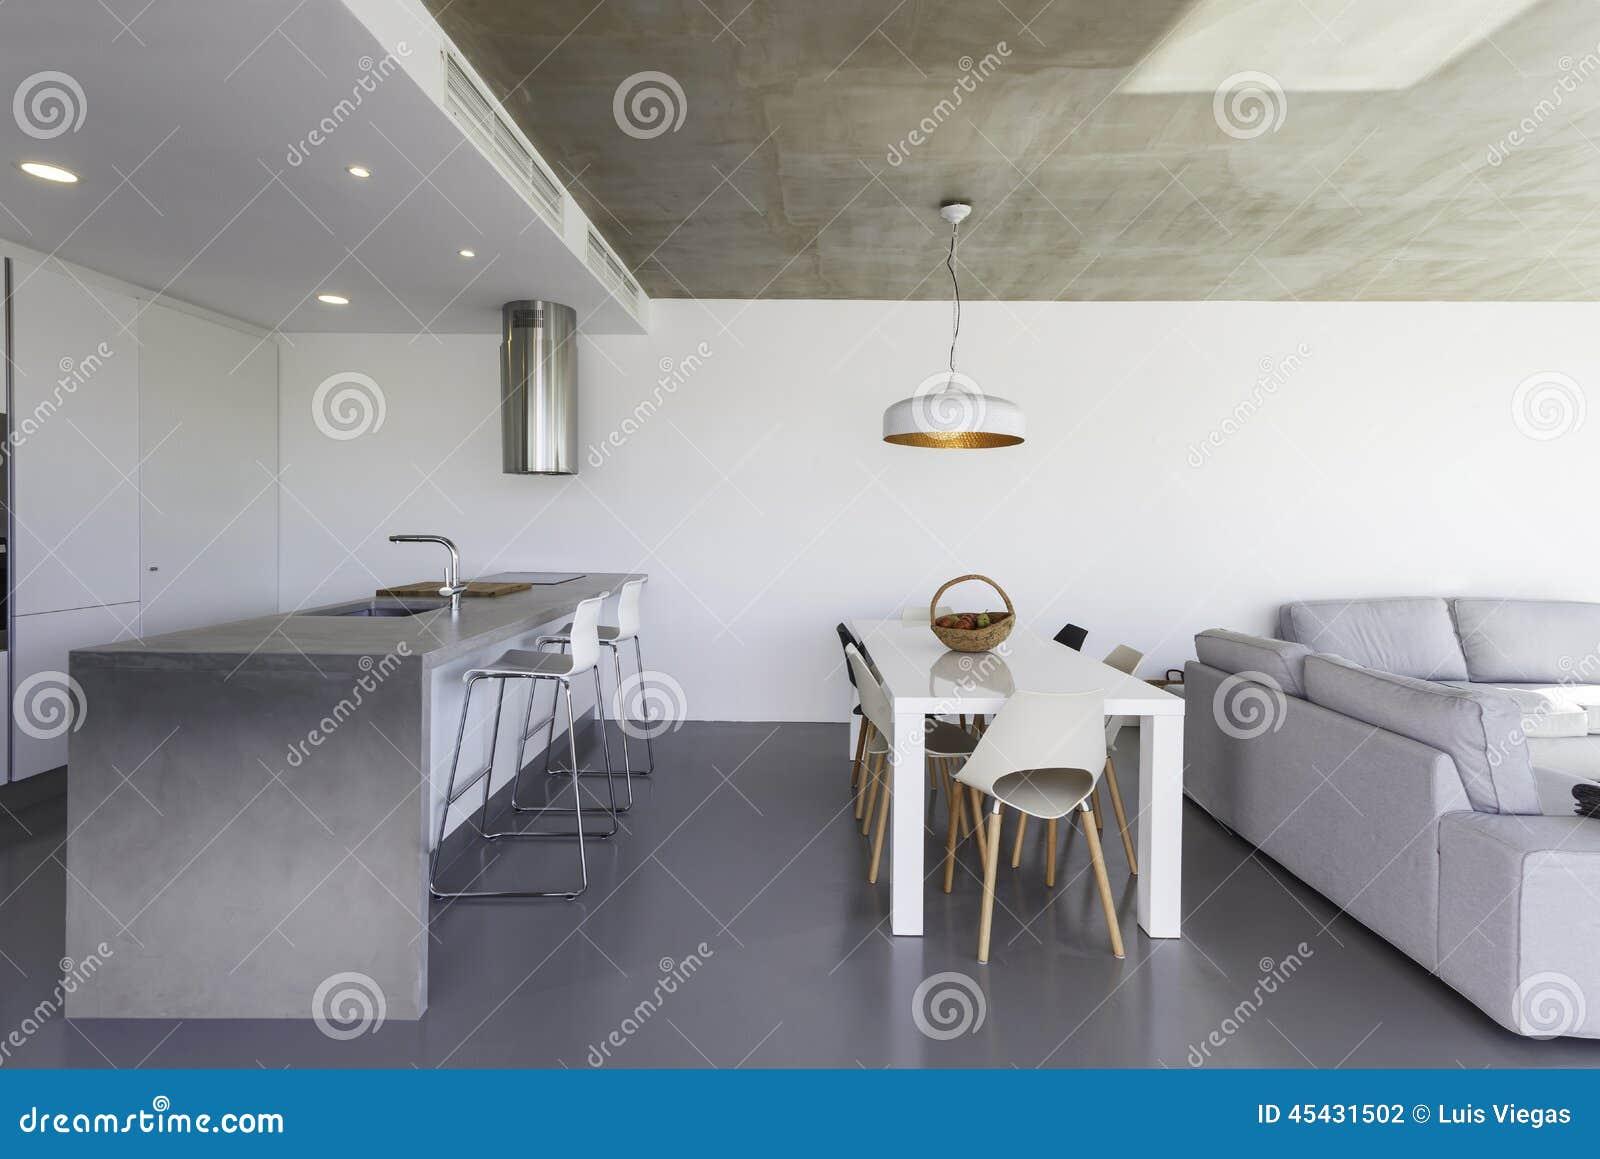 Fußboden Zu Weißer Küche ~ Moderne küche mit grauem boden und weißer wand stockfoto bild